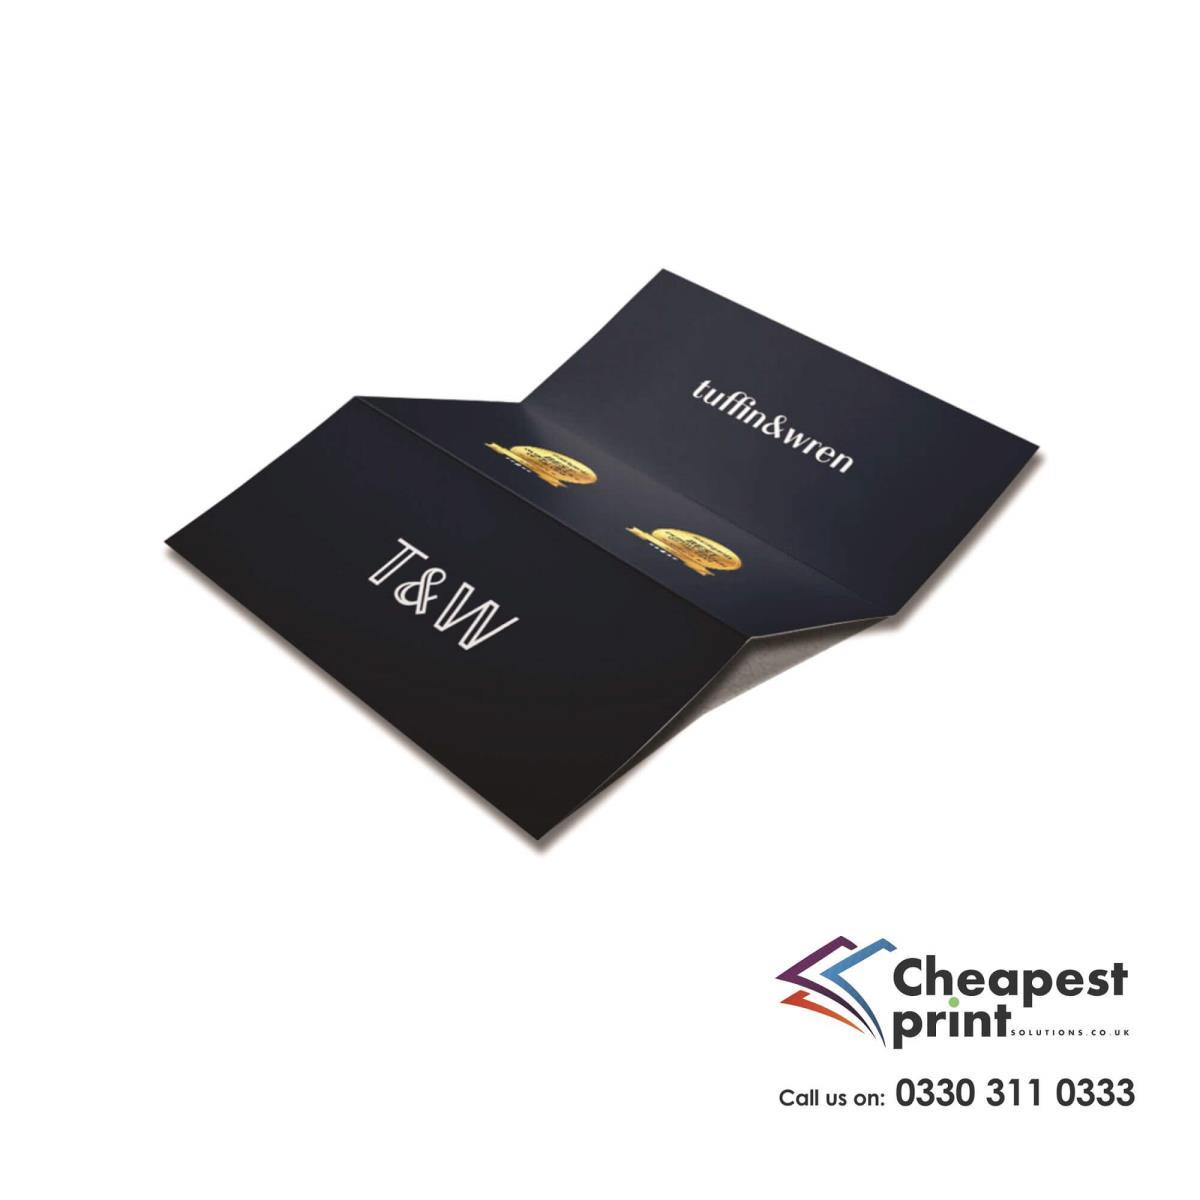 Flat Creased Leaflets